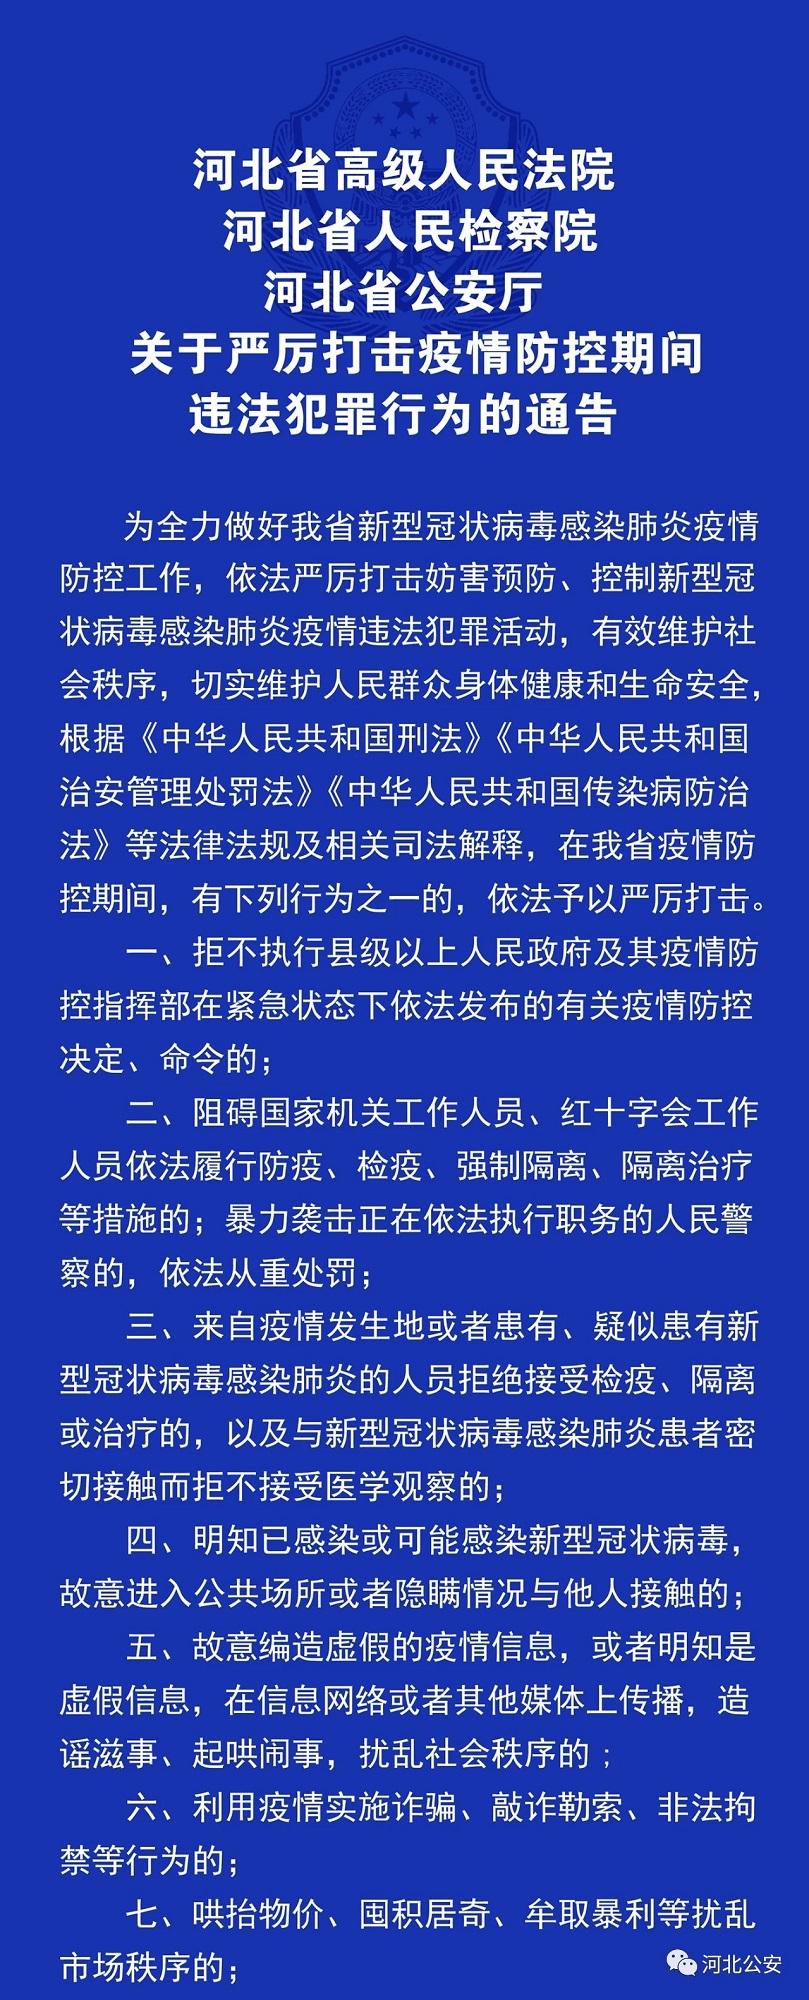 河北:明知已感染或可能感染故意进公共场所 严惩!图片